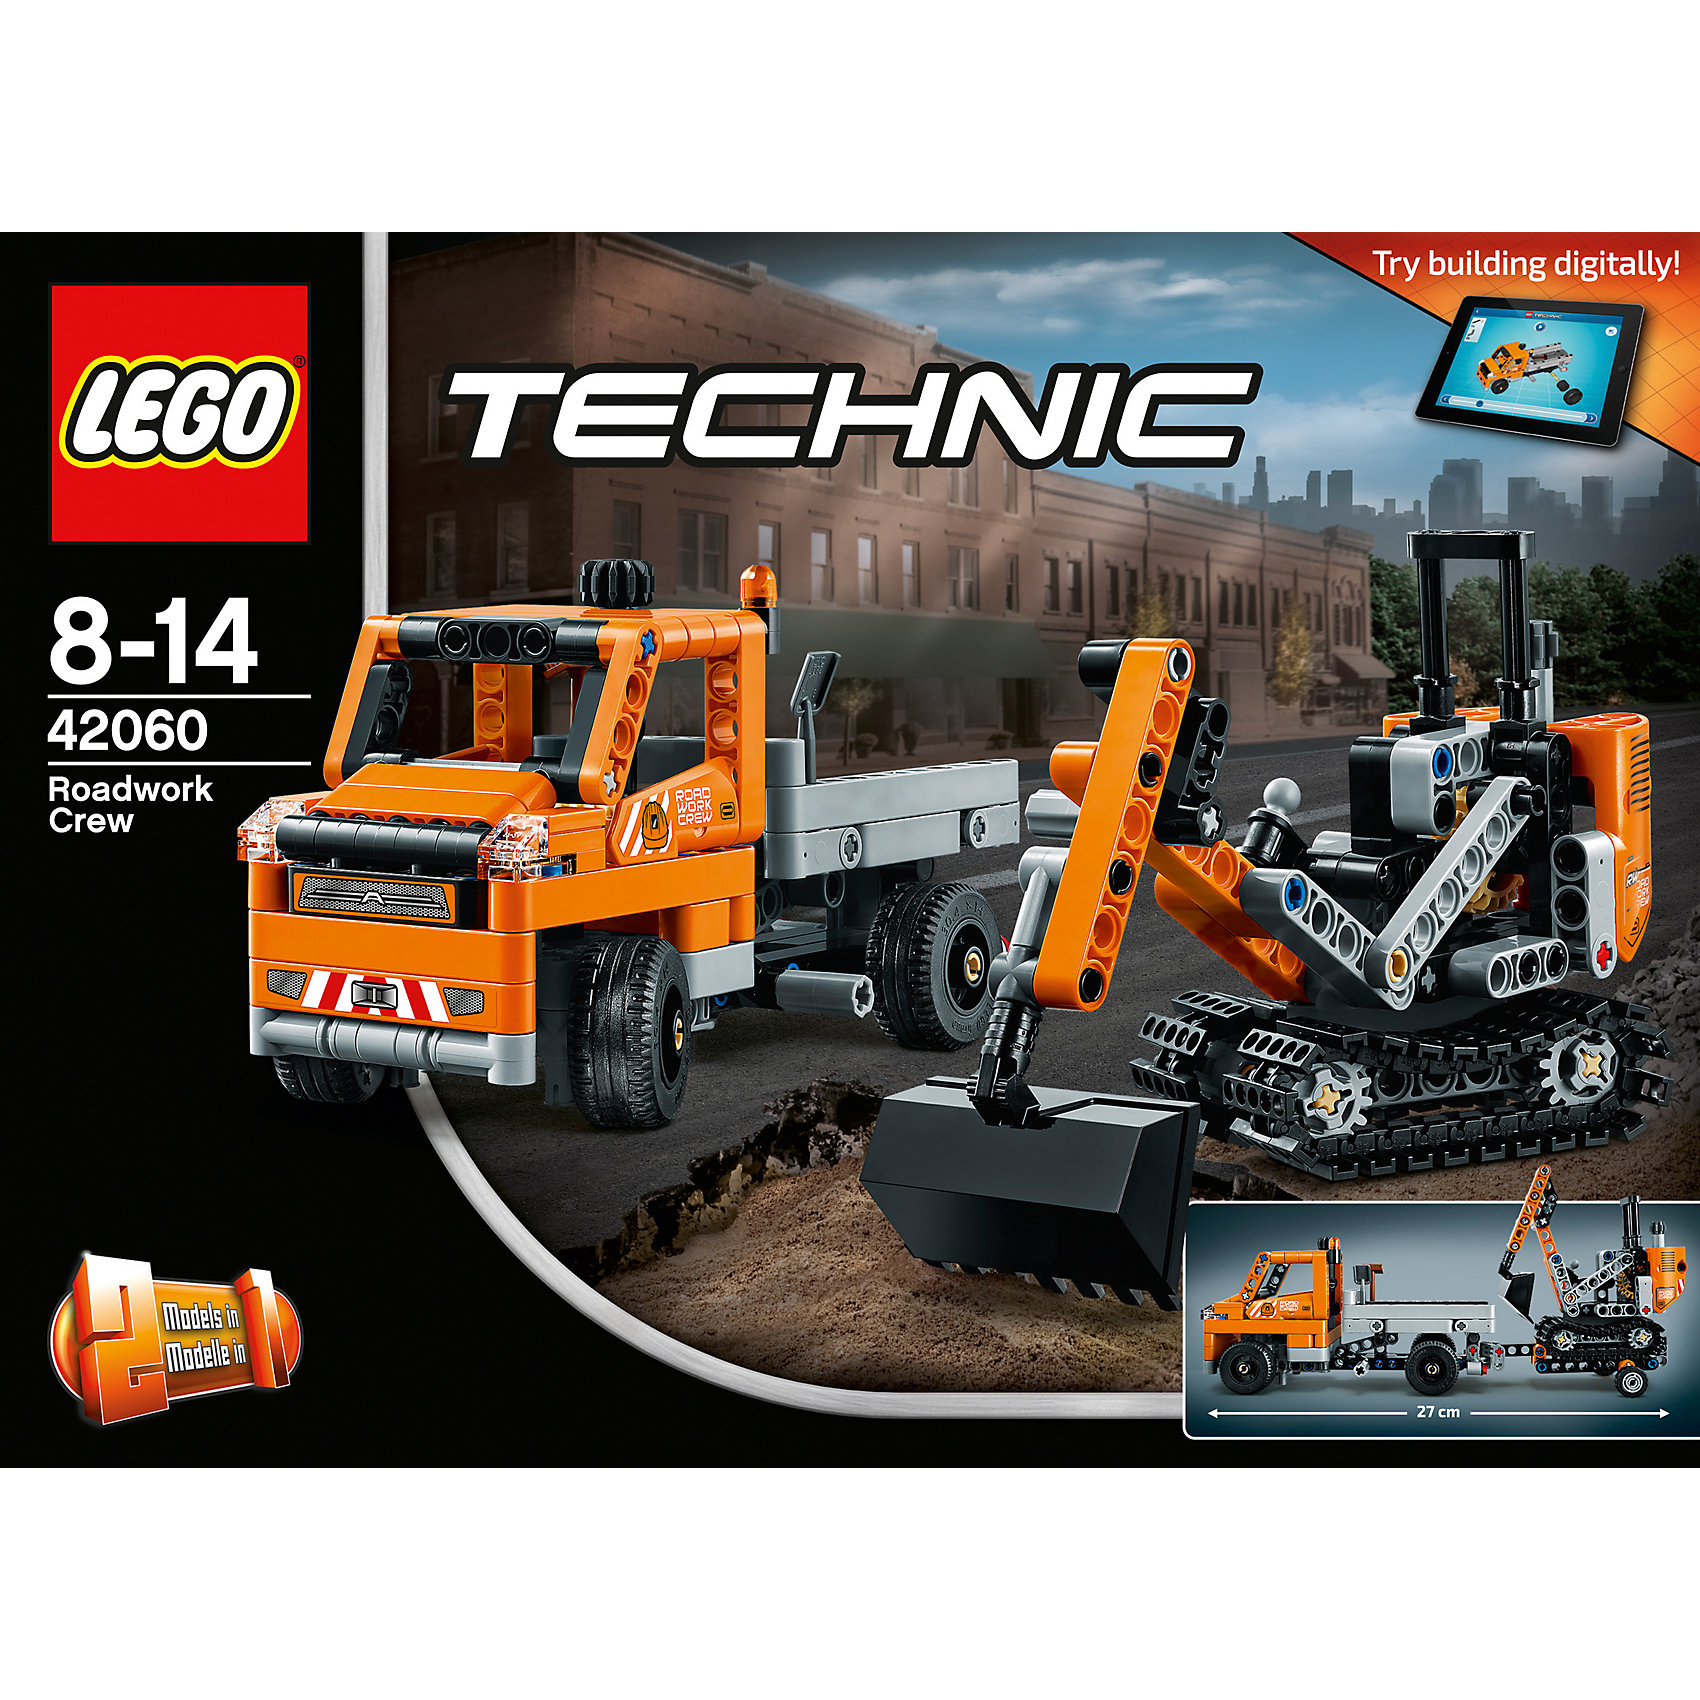 LEGO Technic 42060: Дорожная техникаLEGO Technic 42060: Дорожная техника<br><br>Характеристики:<br><br>- в набор входит: детали самосвала с прицепом и экскаватора, наклейки, инструкция по сборке<br>- состав: пластик<br>- количество деталей: 365<br>- приблизительное время сборки: 45 мин.<br>- размер самосвала с прицепом: 27 * 7 * 9 см.<br>- размер экскаватора: 10 * 5 * 9 см.<br>- размер снегоуборочной машины: 24 * 13 * 11 см.<br>- для детей в возрасте: от 7 до 14 лет<br>- Страна производитель: Дания/Китай/Чехия<br><br>Легендарный конструктор LEGO (ЛЕГО) представляет серию «Technic», которая бросает вызов уже опытным строителям ЛЕГО. Ваш ребенок может строить продвинутые модели с реальными функциями, такими как коробки передач и системы рулевого управления. В набор включена уникальная деталь, посвященная сорокалетию серии. Наслаждайтесь строительством сразу трех видов техники, ведь самосвал с прицепом перестраивается в снегоуборочную машину. <br><br>Колеса самосвала поворачиваются в стороны с помощью рычага, а второй рычаг откидывает кузов для сброса груза. Прицеп оснащен подвижным креплением и отлично следует за самосвалом при поворотах. Кабина гусеничного экскаватора вращается на все 360 градусов, а благодаря двум другим рычагам ковш двигается и может копать, уровень наклона ковша так же регулируется. Подразумевается, что экскаватор перемещается на место стройки в прицепе самосвала. В набор входят строительные аксессуары в виде лопаты и щетки. <br><br>Играя с конструктором ребенок развивает моторику рук, воображение и логическое мышление, научится собирать по инструкции и создавать свои модели. Принимайте новые вызовы по сборке моделей и придумывайте новые истории с набором LEGO «Technic»!<br><br>Конструктор LEGO Technic 42060: Дорожная техника можно купить в нашем интернет-магазине.<br><br>Ширина мм: 265<br>Глубина мм: 192<br>Высота мм: 76<br>Вес г: 486<br>Возраст от месяцев: 96<br>Возраст до месяцев: 168<br>Пол: Мужской<br>Возраст: Детский<br>SKU: 5002536